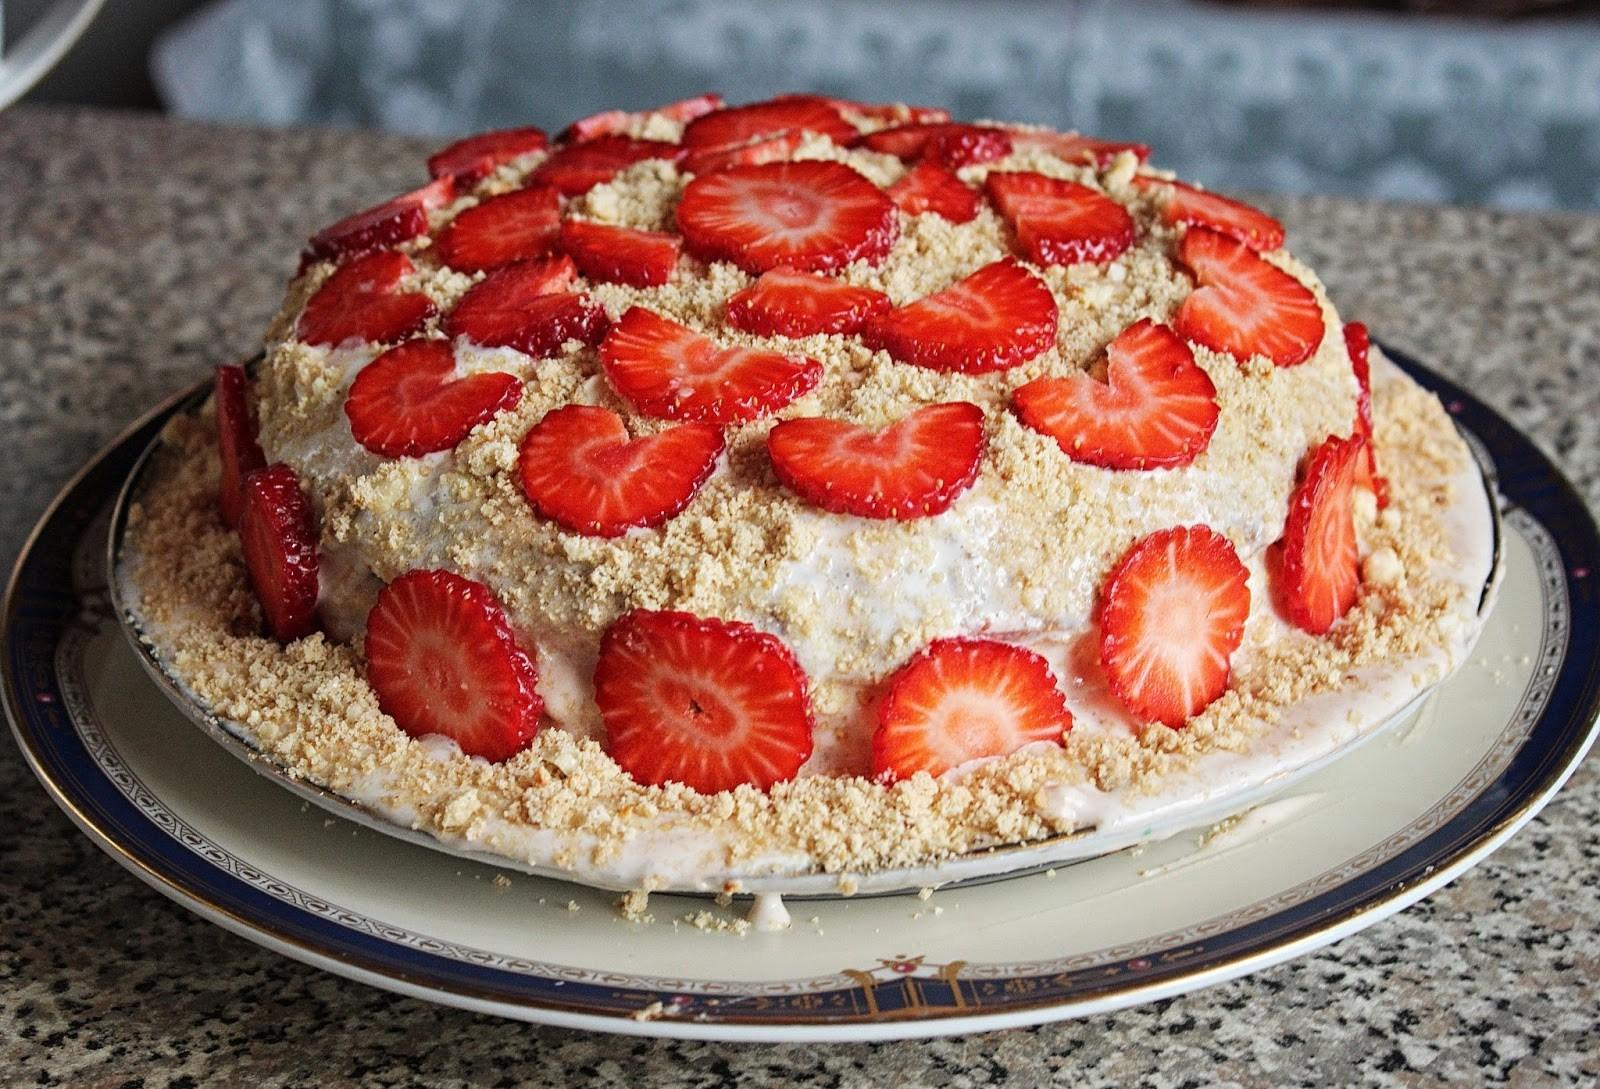 стер как сделать торт дома рецепт с фото микроскопические организмы, которые